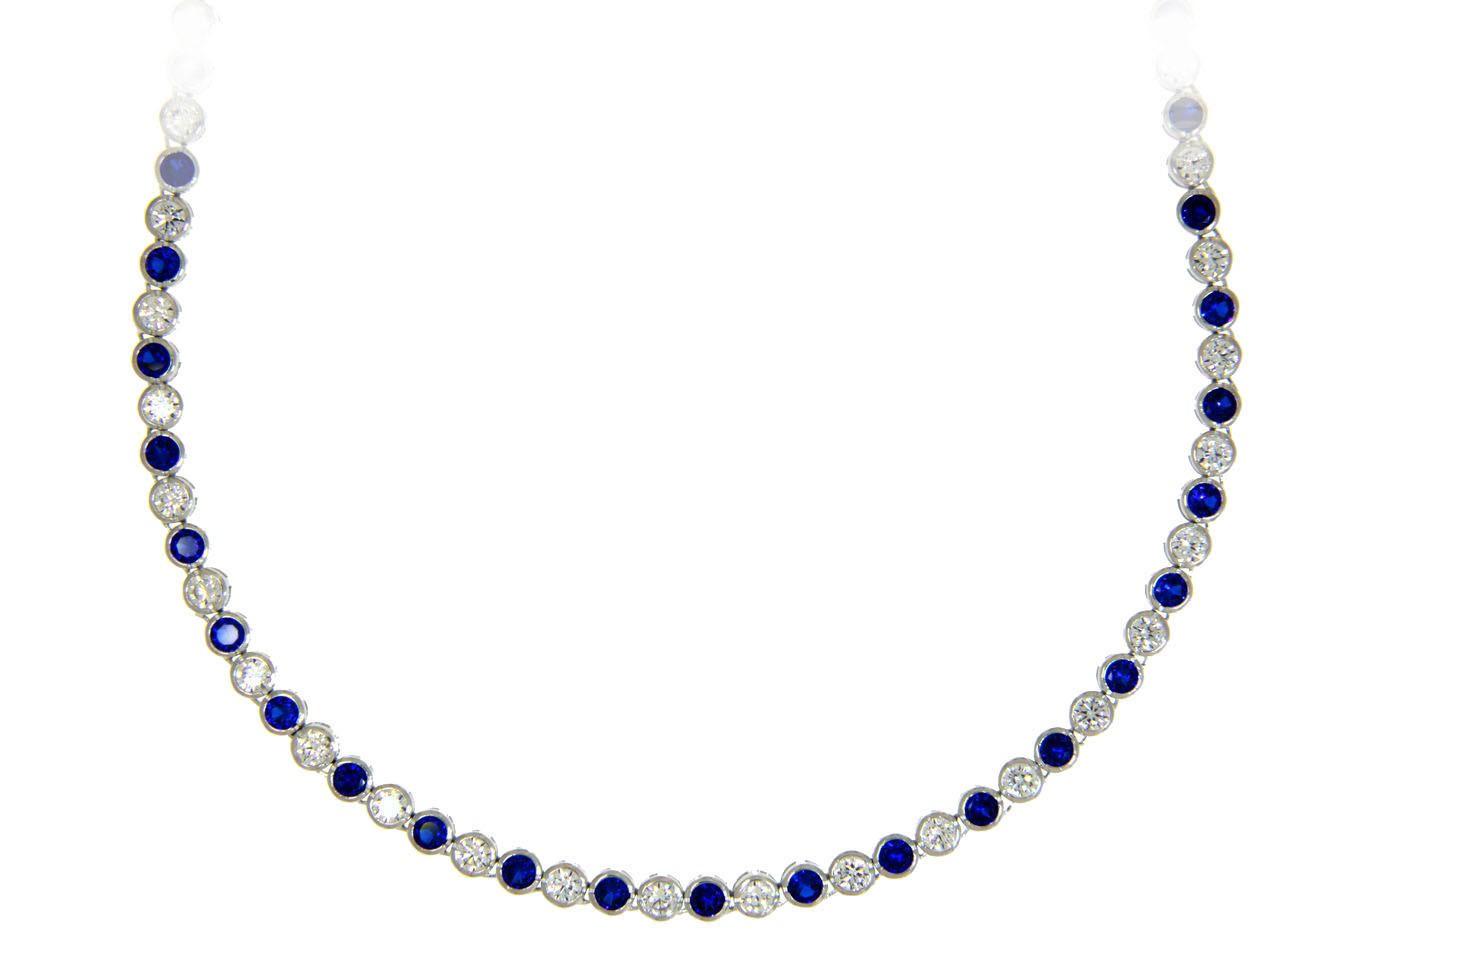 Collier Charlotte silber saphir blau weiß frontal